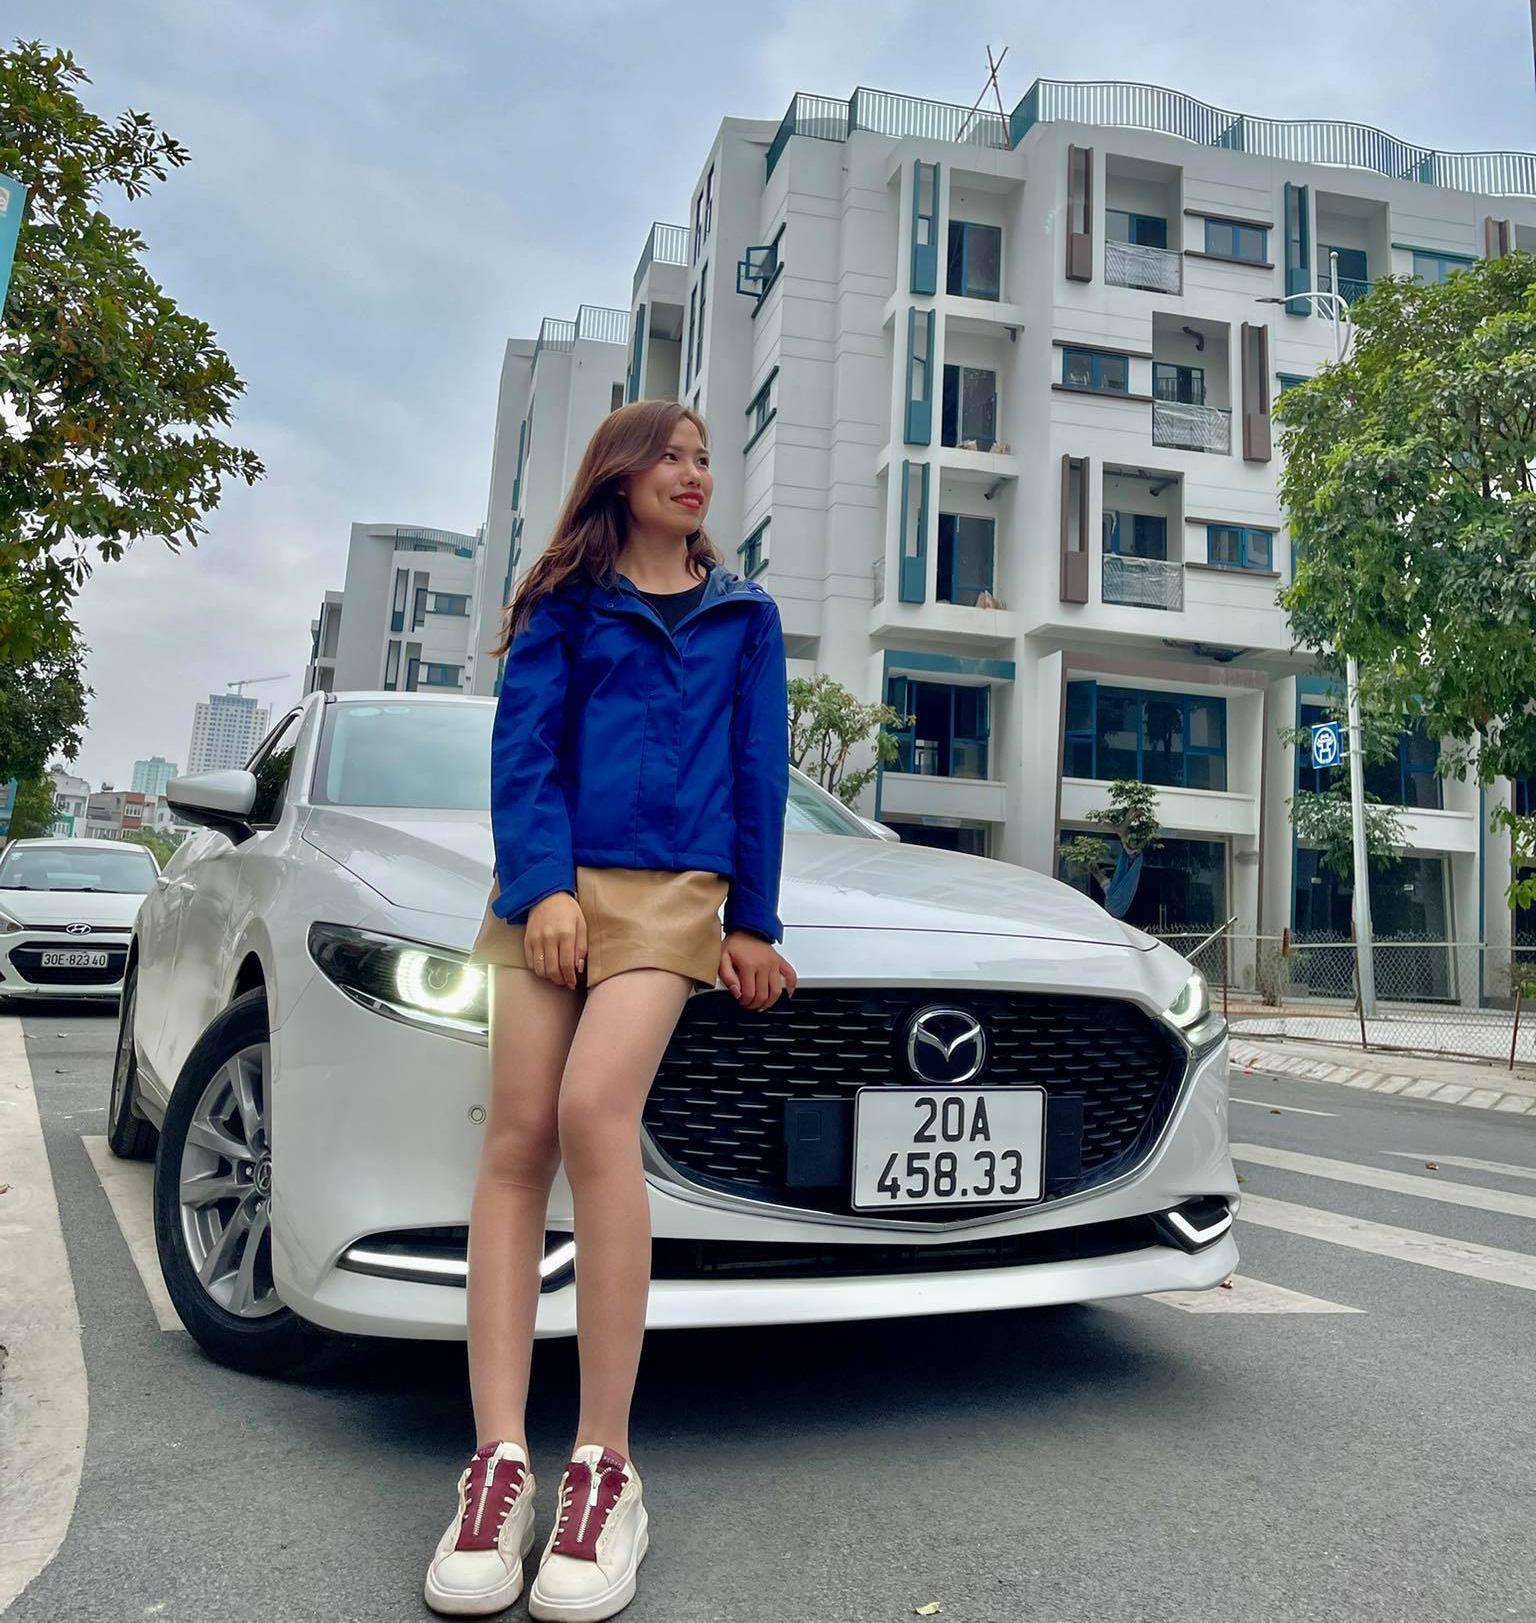 Người dùng đánh giá Mazda3 2020: Trông nữ tính, lái nhẹ nhàng nhưng phải rón rén hơn vì điều này - Ảnh 1.